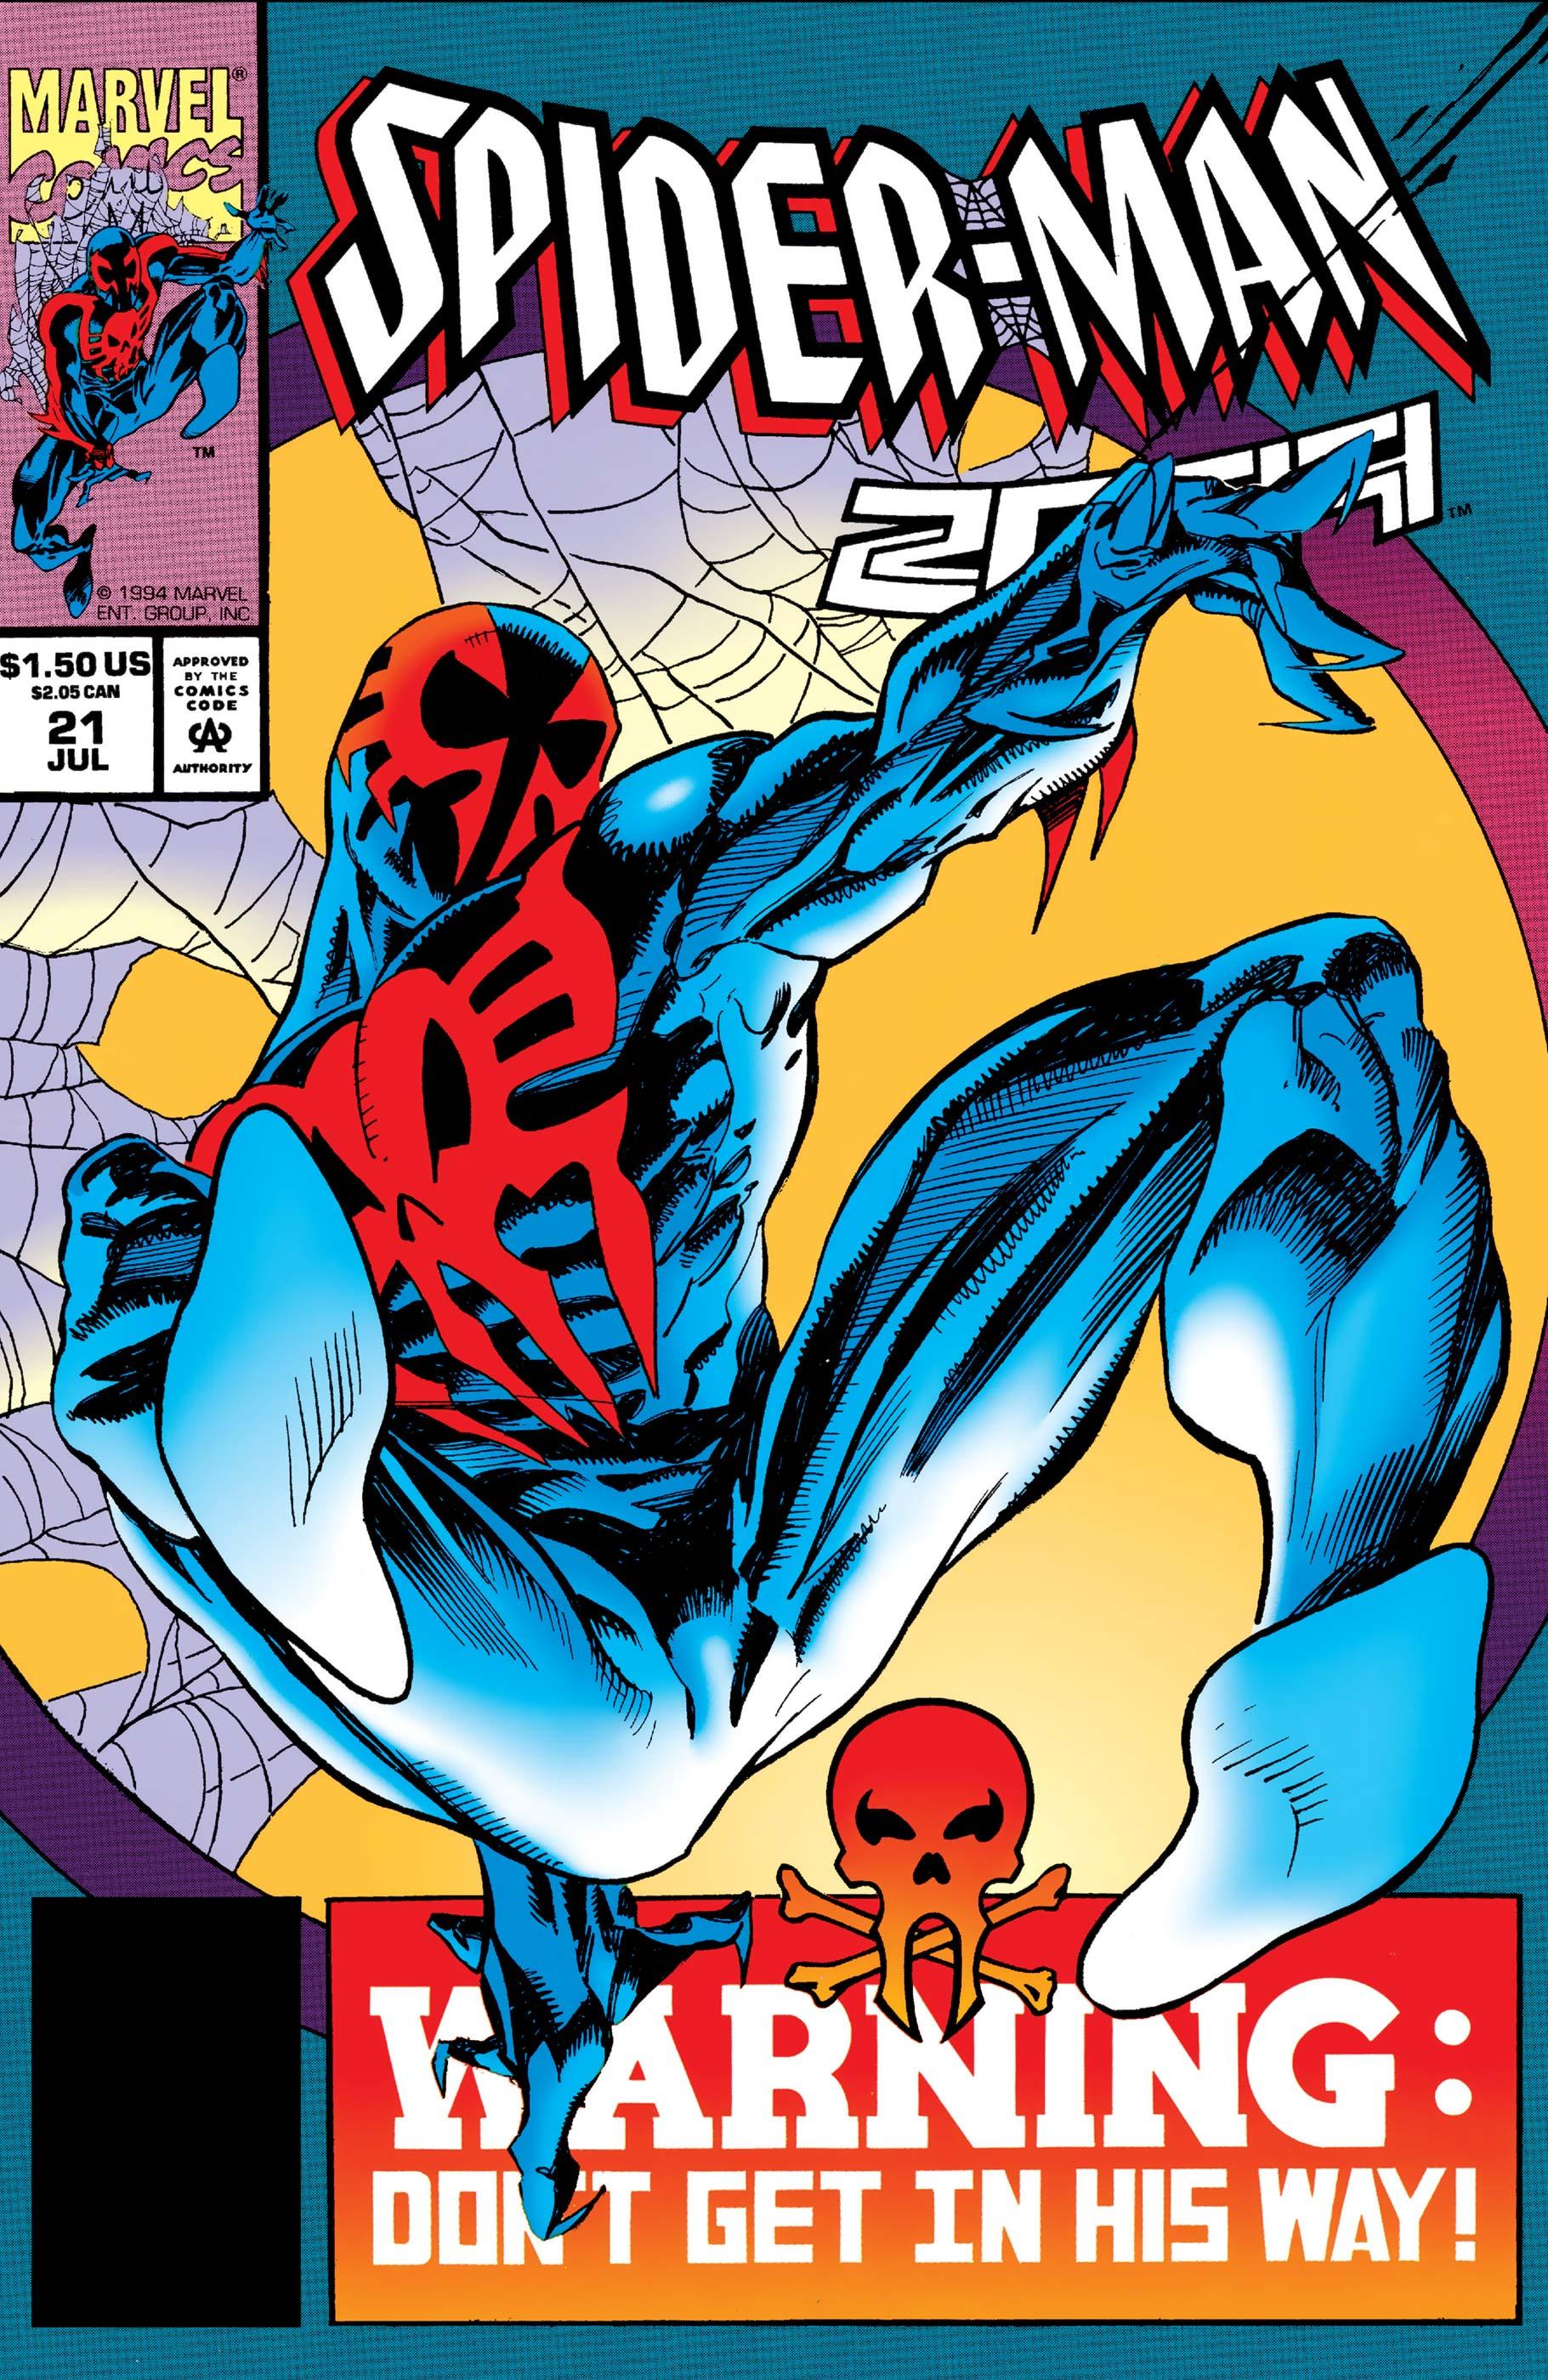 Spider-Man 2099 (1992) #21